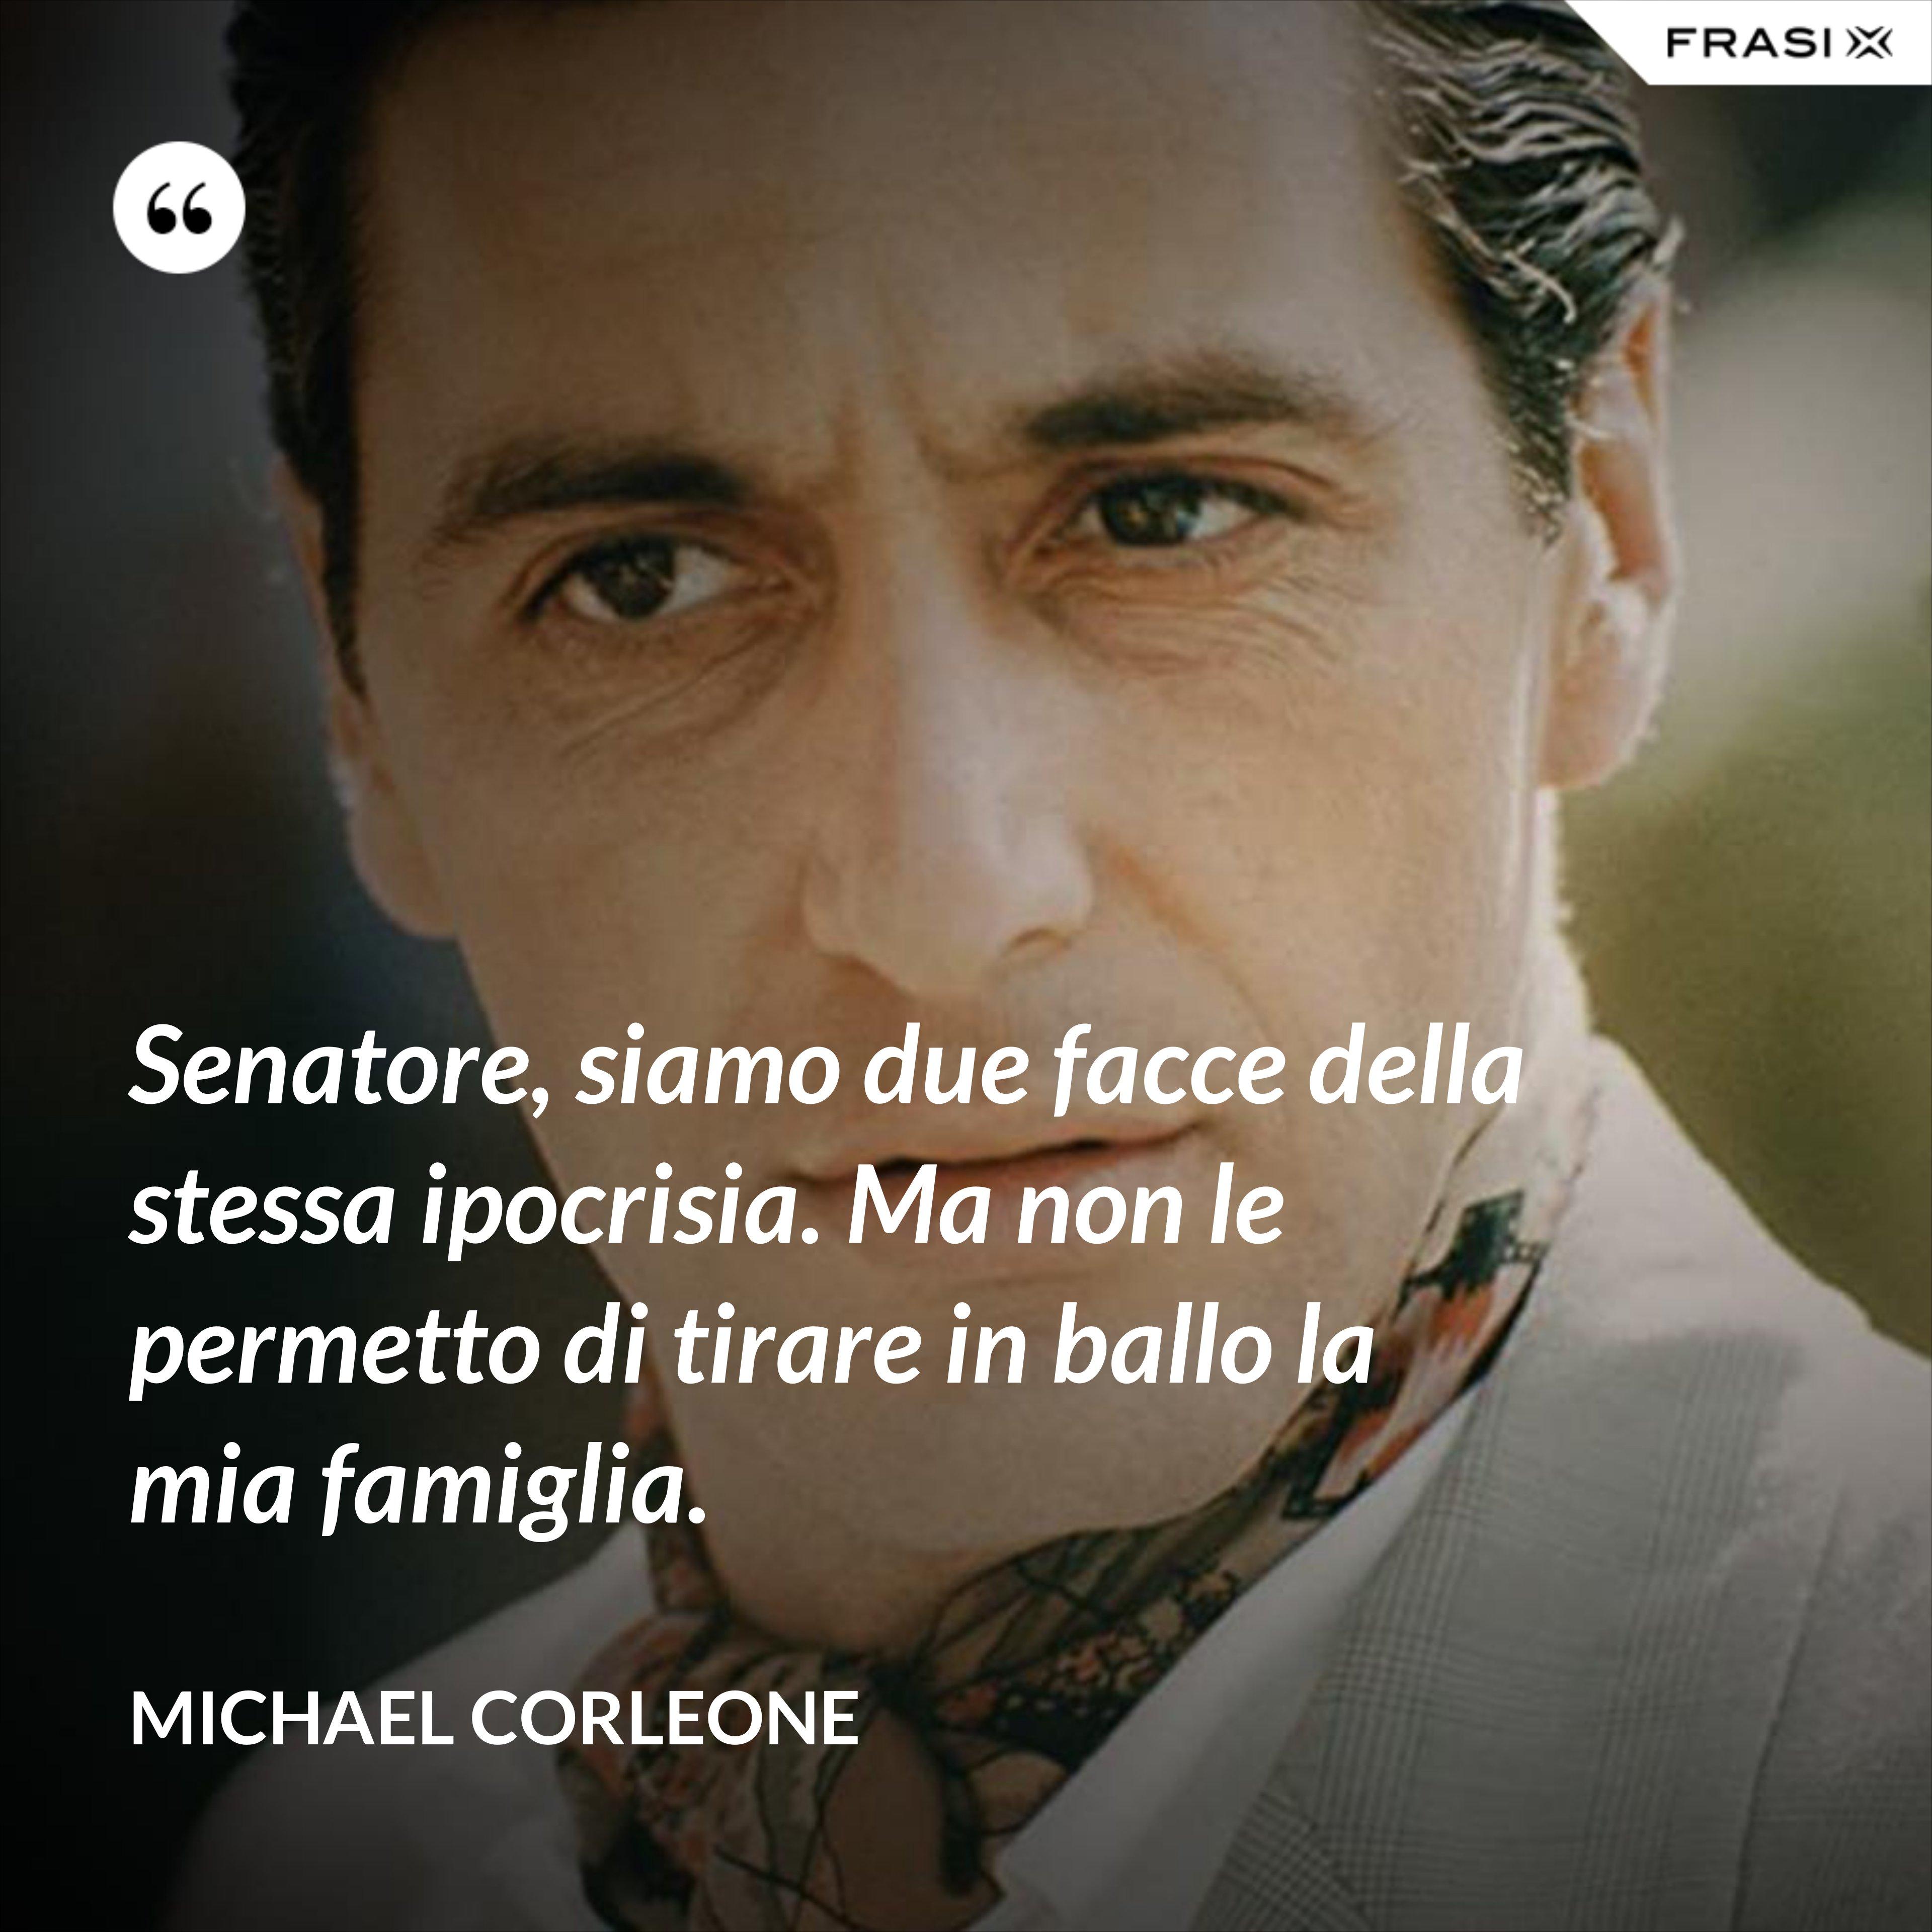 Senatore, siamo due facce della stessa ipocrisia. Ma non le permetto di tirare in ballo la mia famiglia. - Michael Corleone